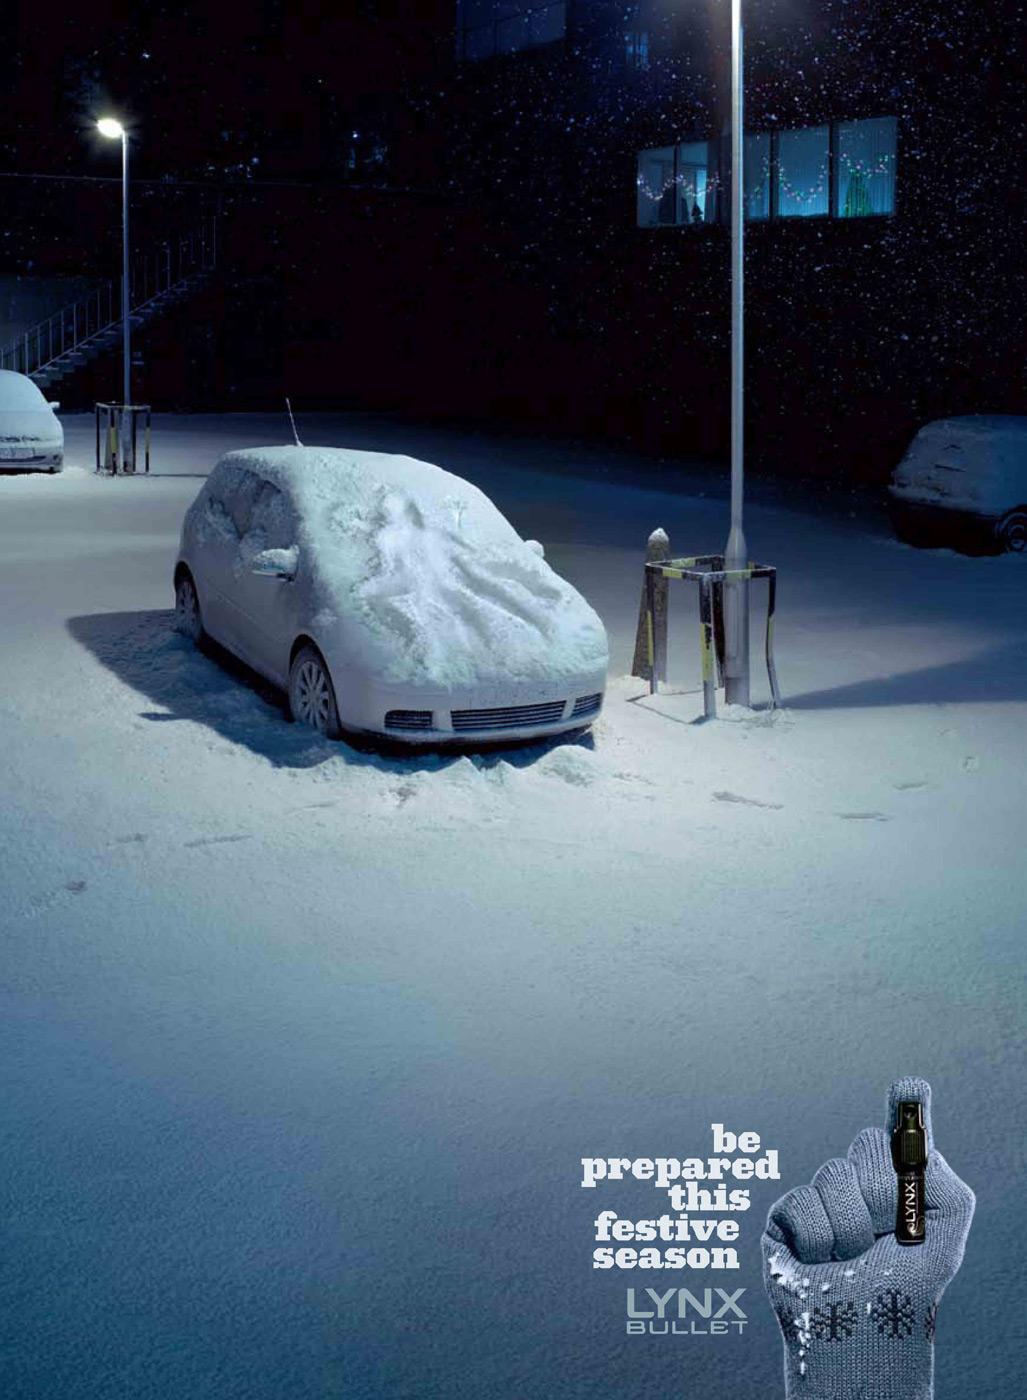 Bon courage aux Parisiens : les 80 publicités les plus créatives sur la Neige #neigeparis 48